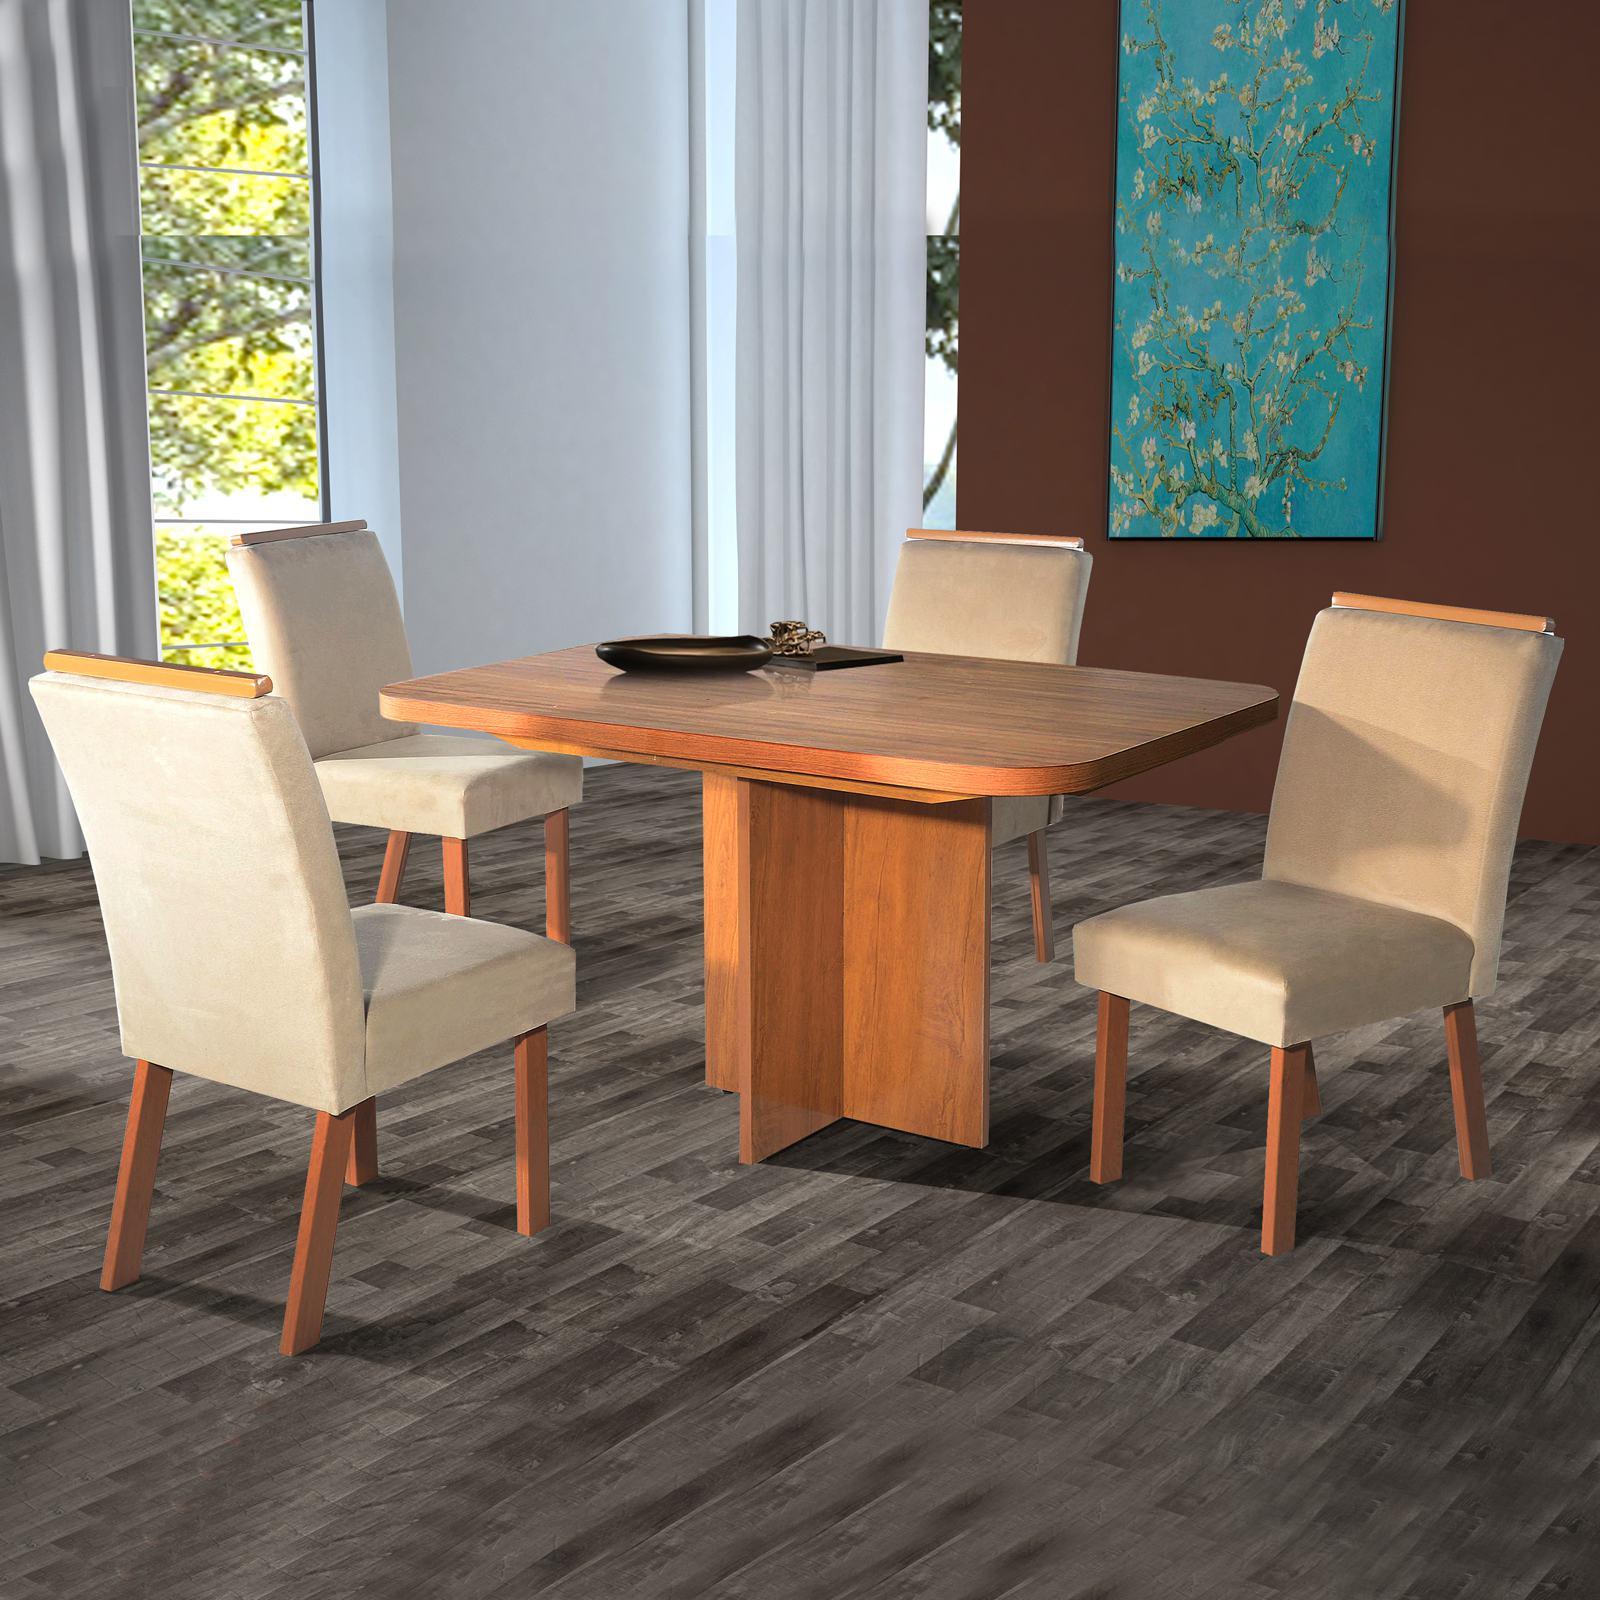 Conjunto Sala de Jantar Atenas Tampo MDF 130x90 4 Cadeiras Bom Pastor Noce/Freijó